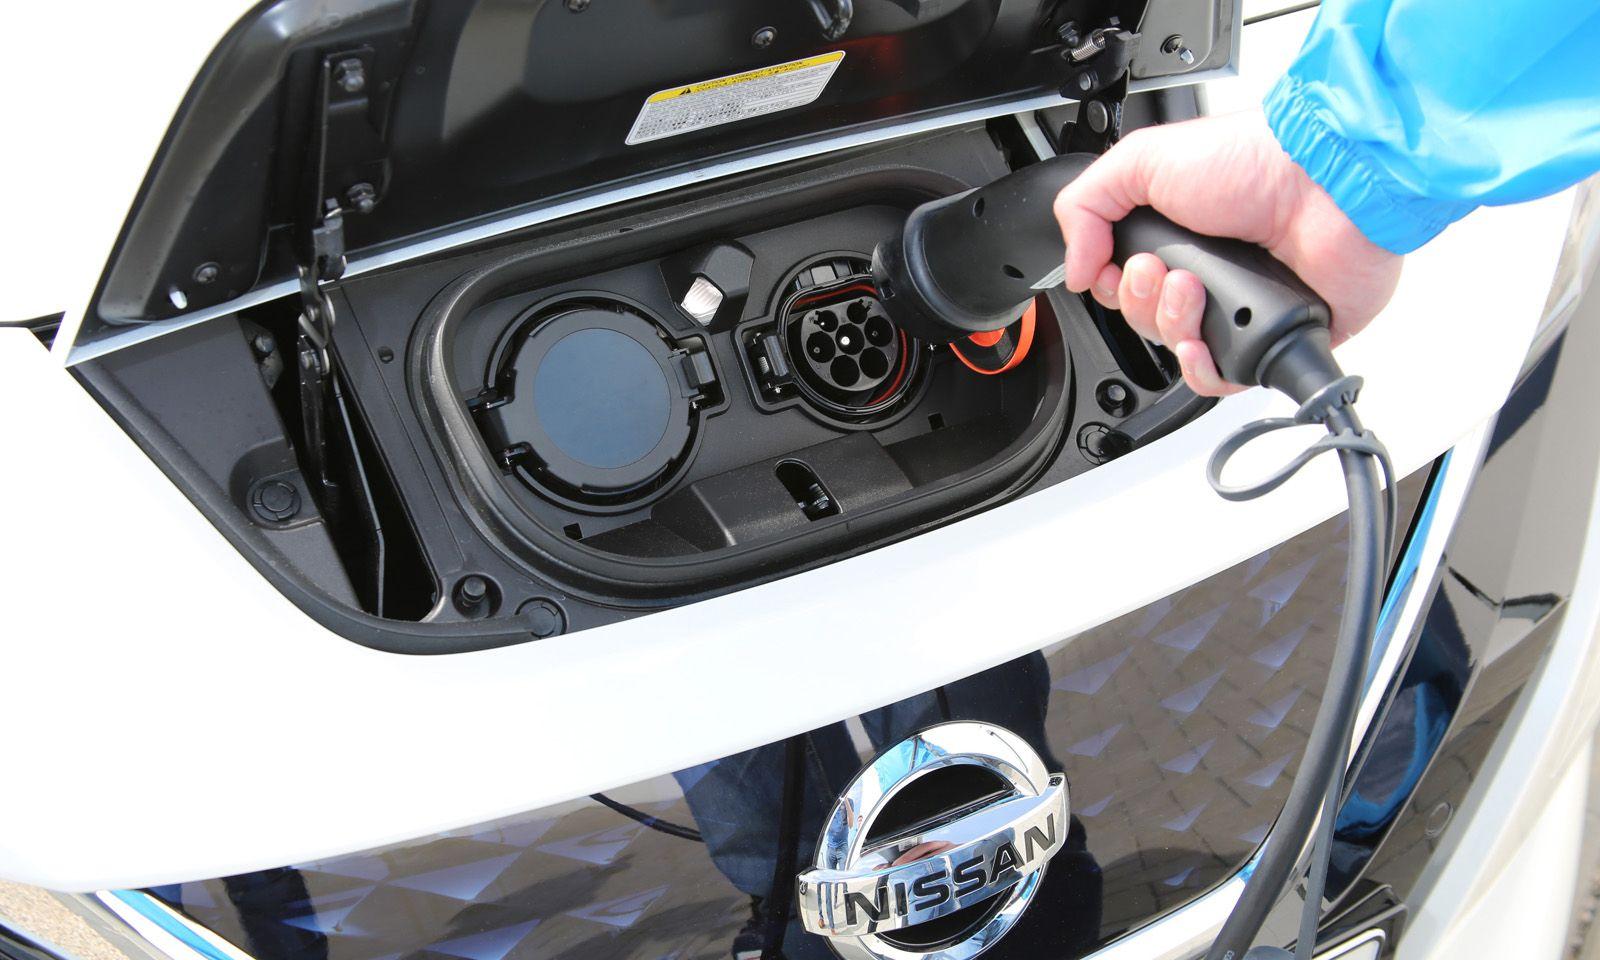 Ein konventioneller Kompakter mit vergleichbarer Ausstattung kostet gut 10.000 Euro weniger.